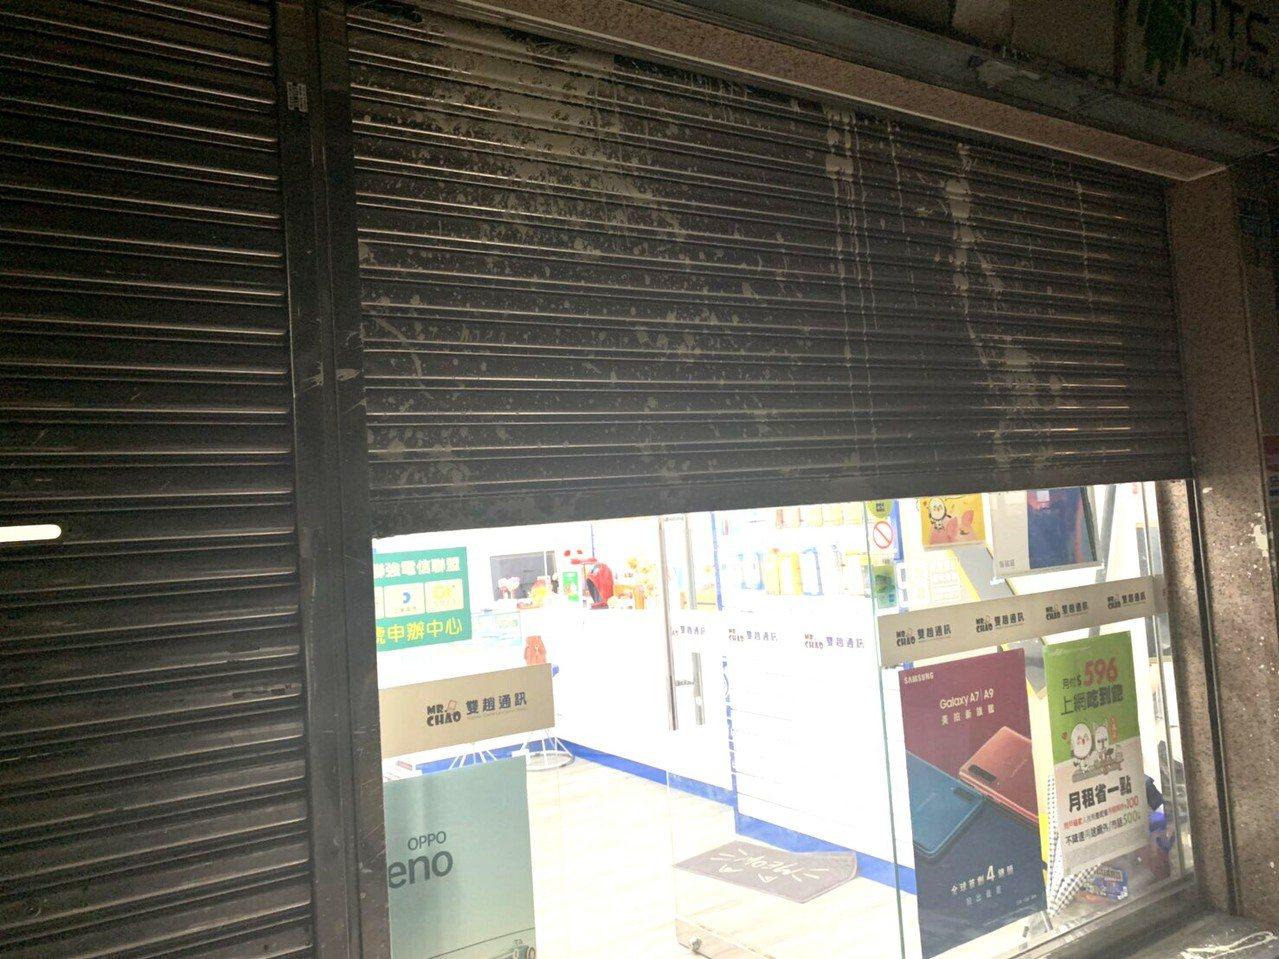 高雄今天凌晨發生潑漆事故,通訊行門口遭潑漆。記者林保光/翻攝